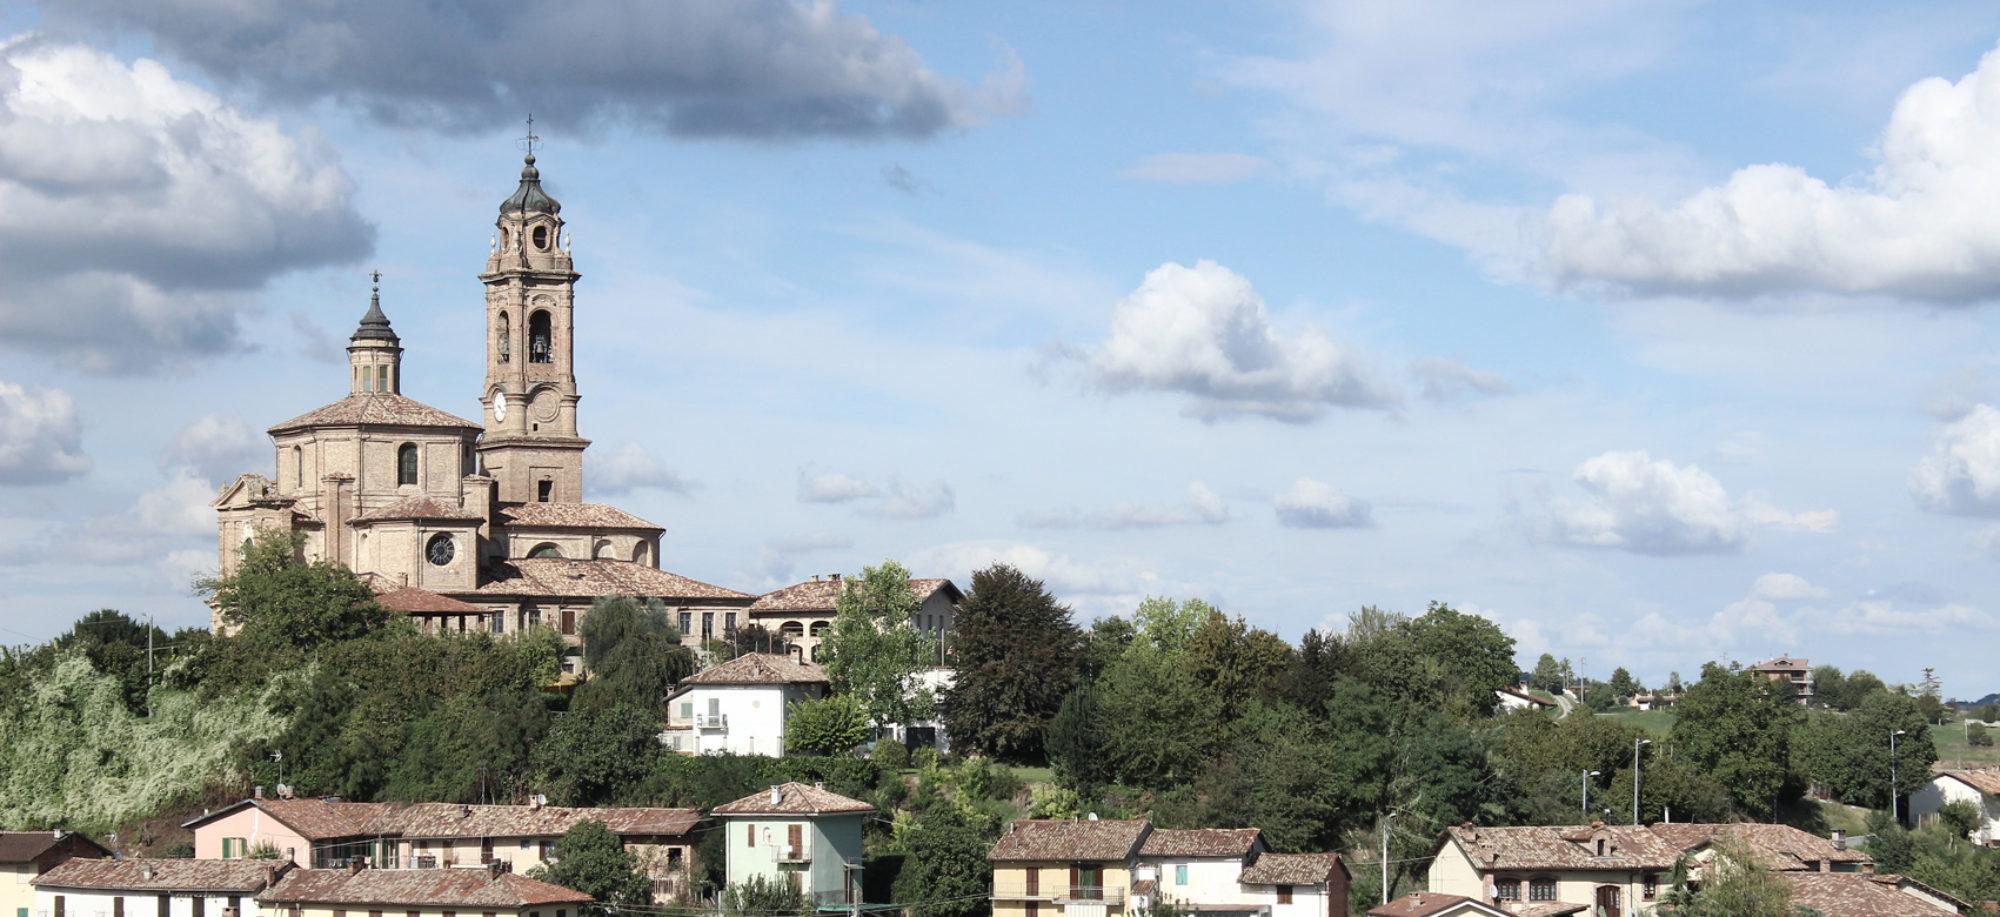 Piovà Massaia & Monferrato